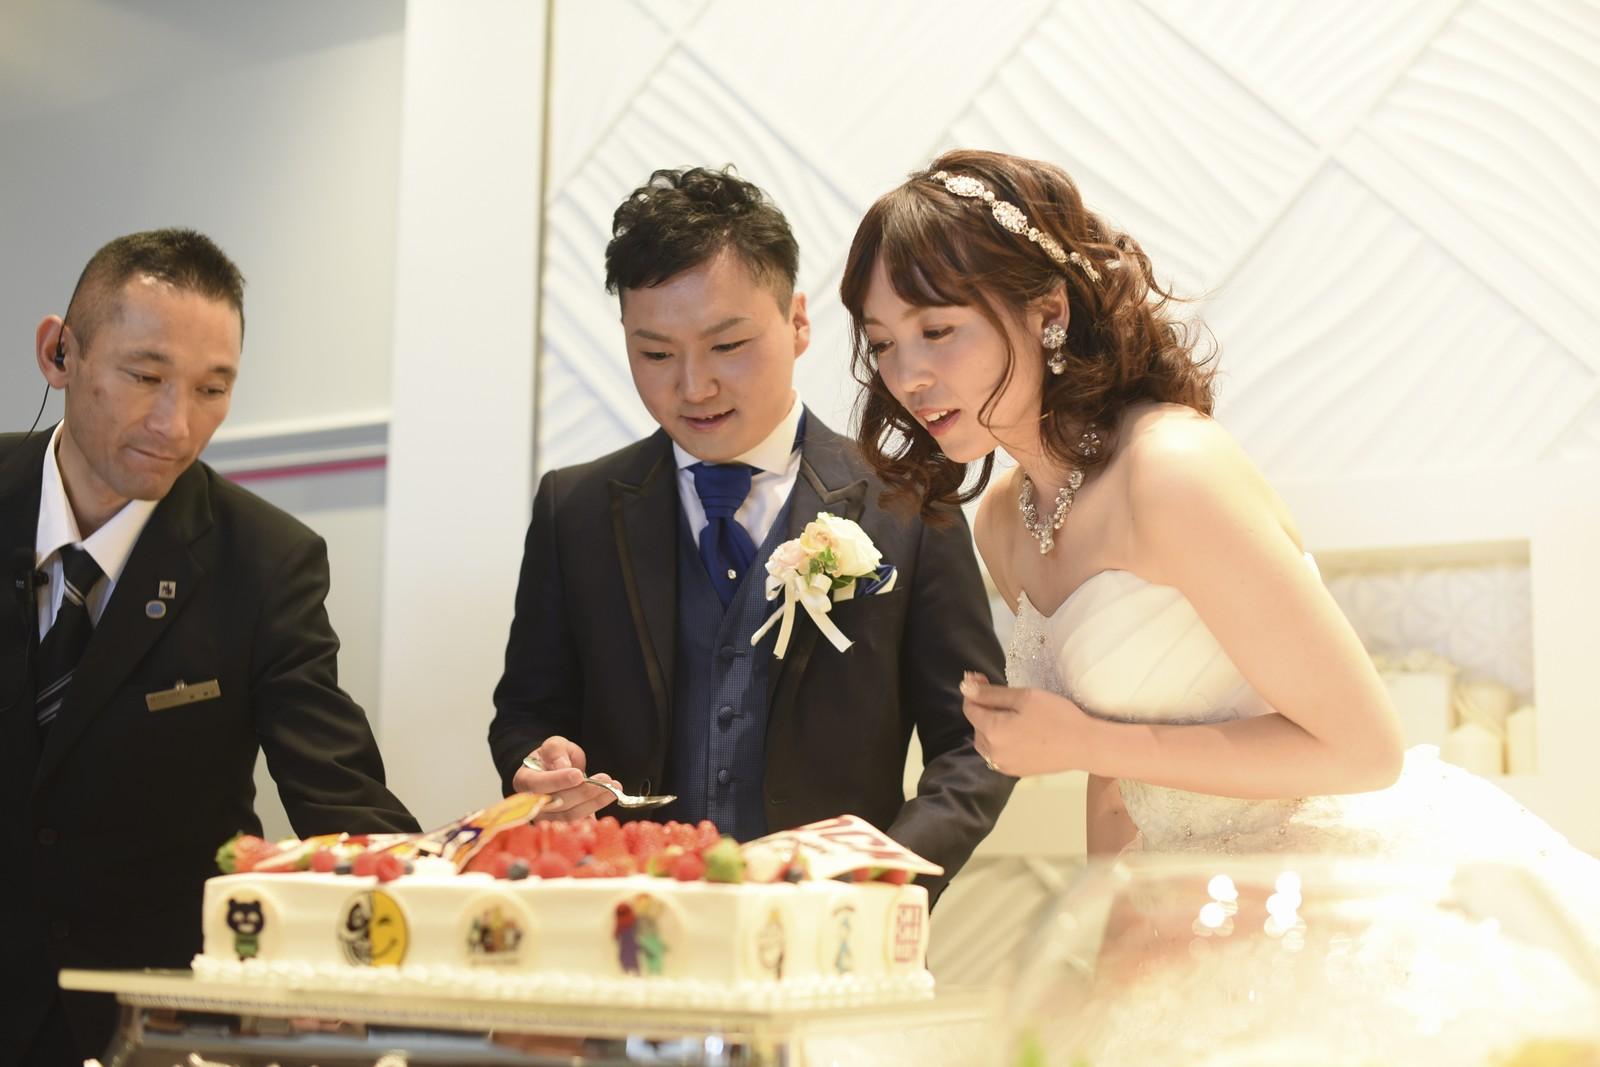 徳島市の結婚式場ブランアンジュでファーストバイトの準備をしている新郎新婦様